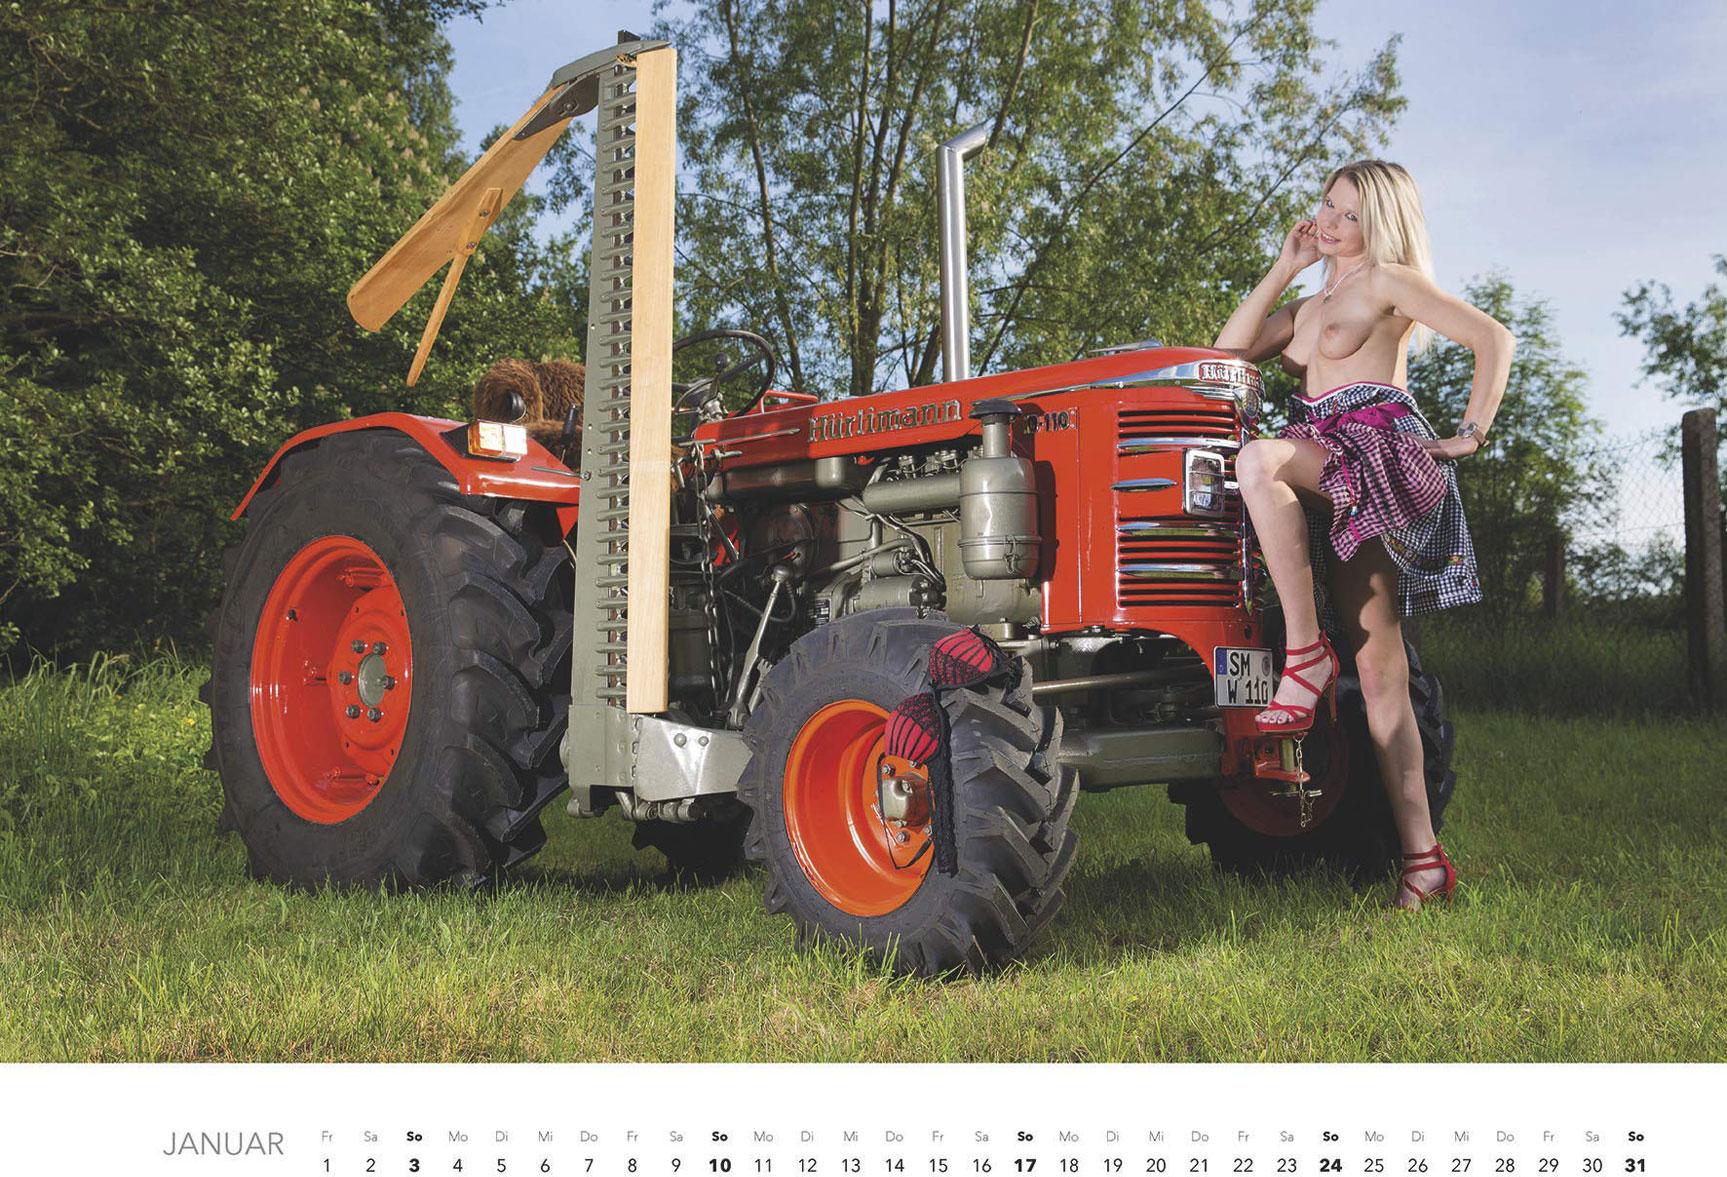 Эротический календарь -Мечты молодых фермеров 2021- / январь